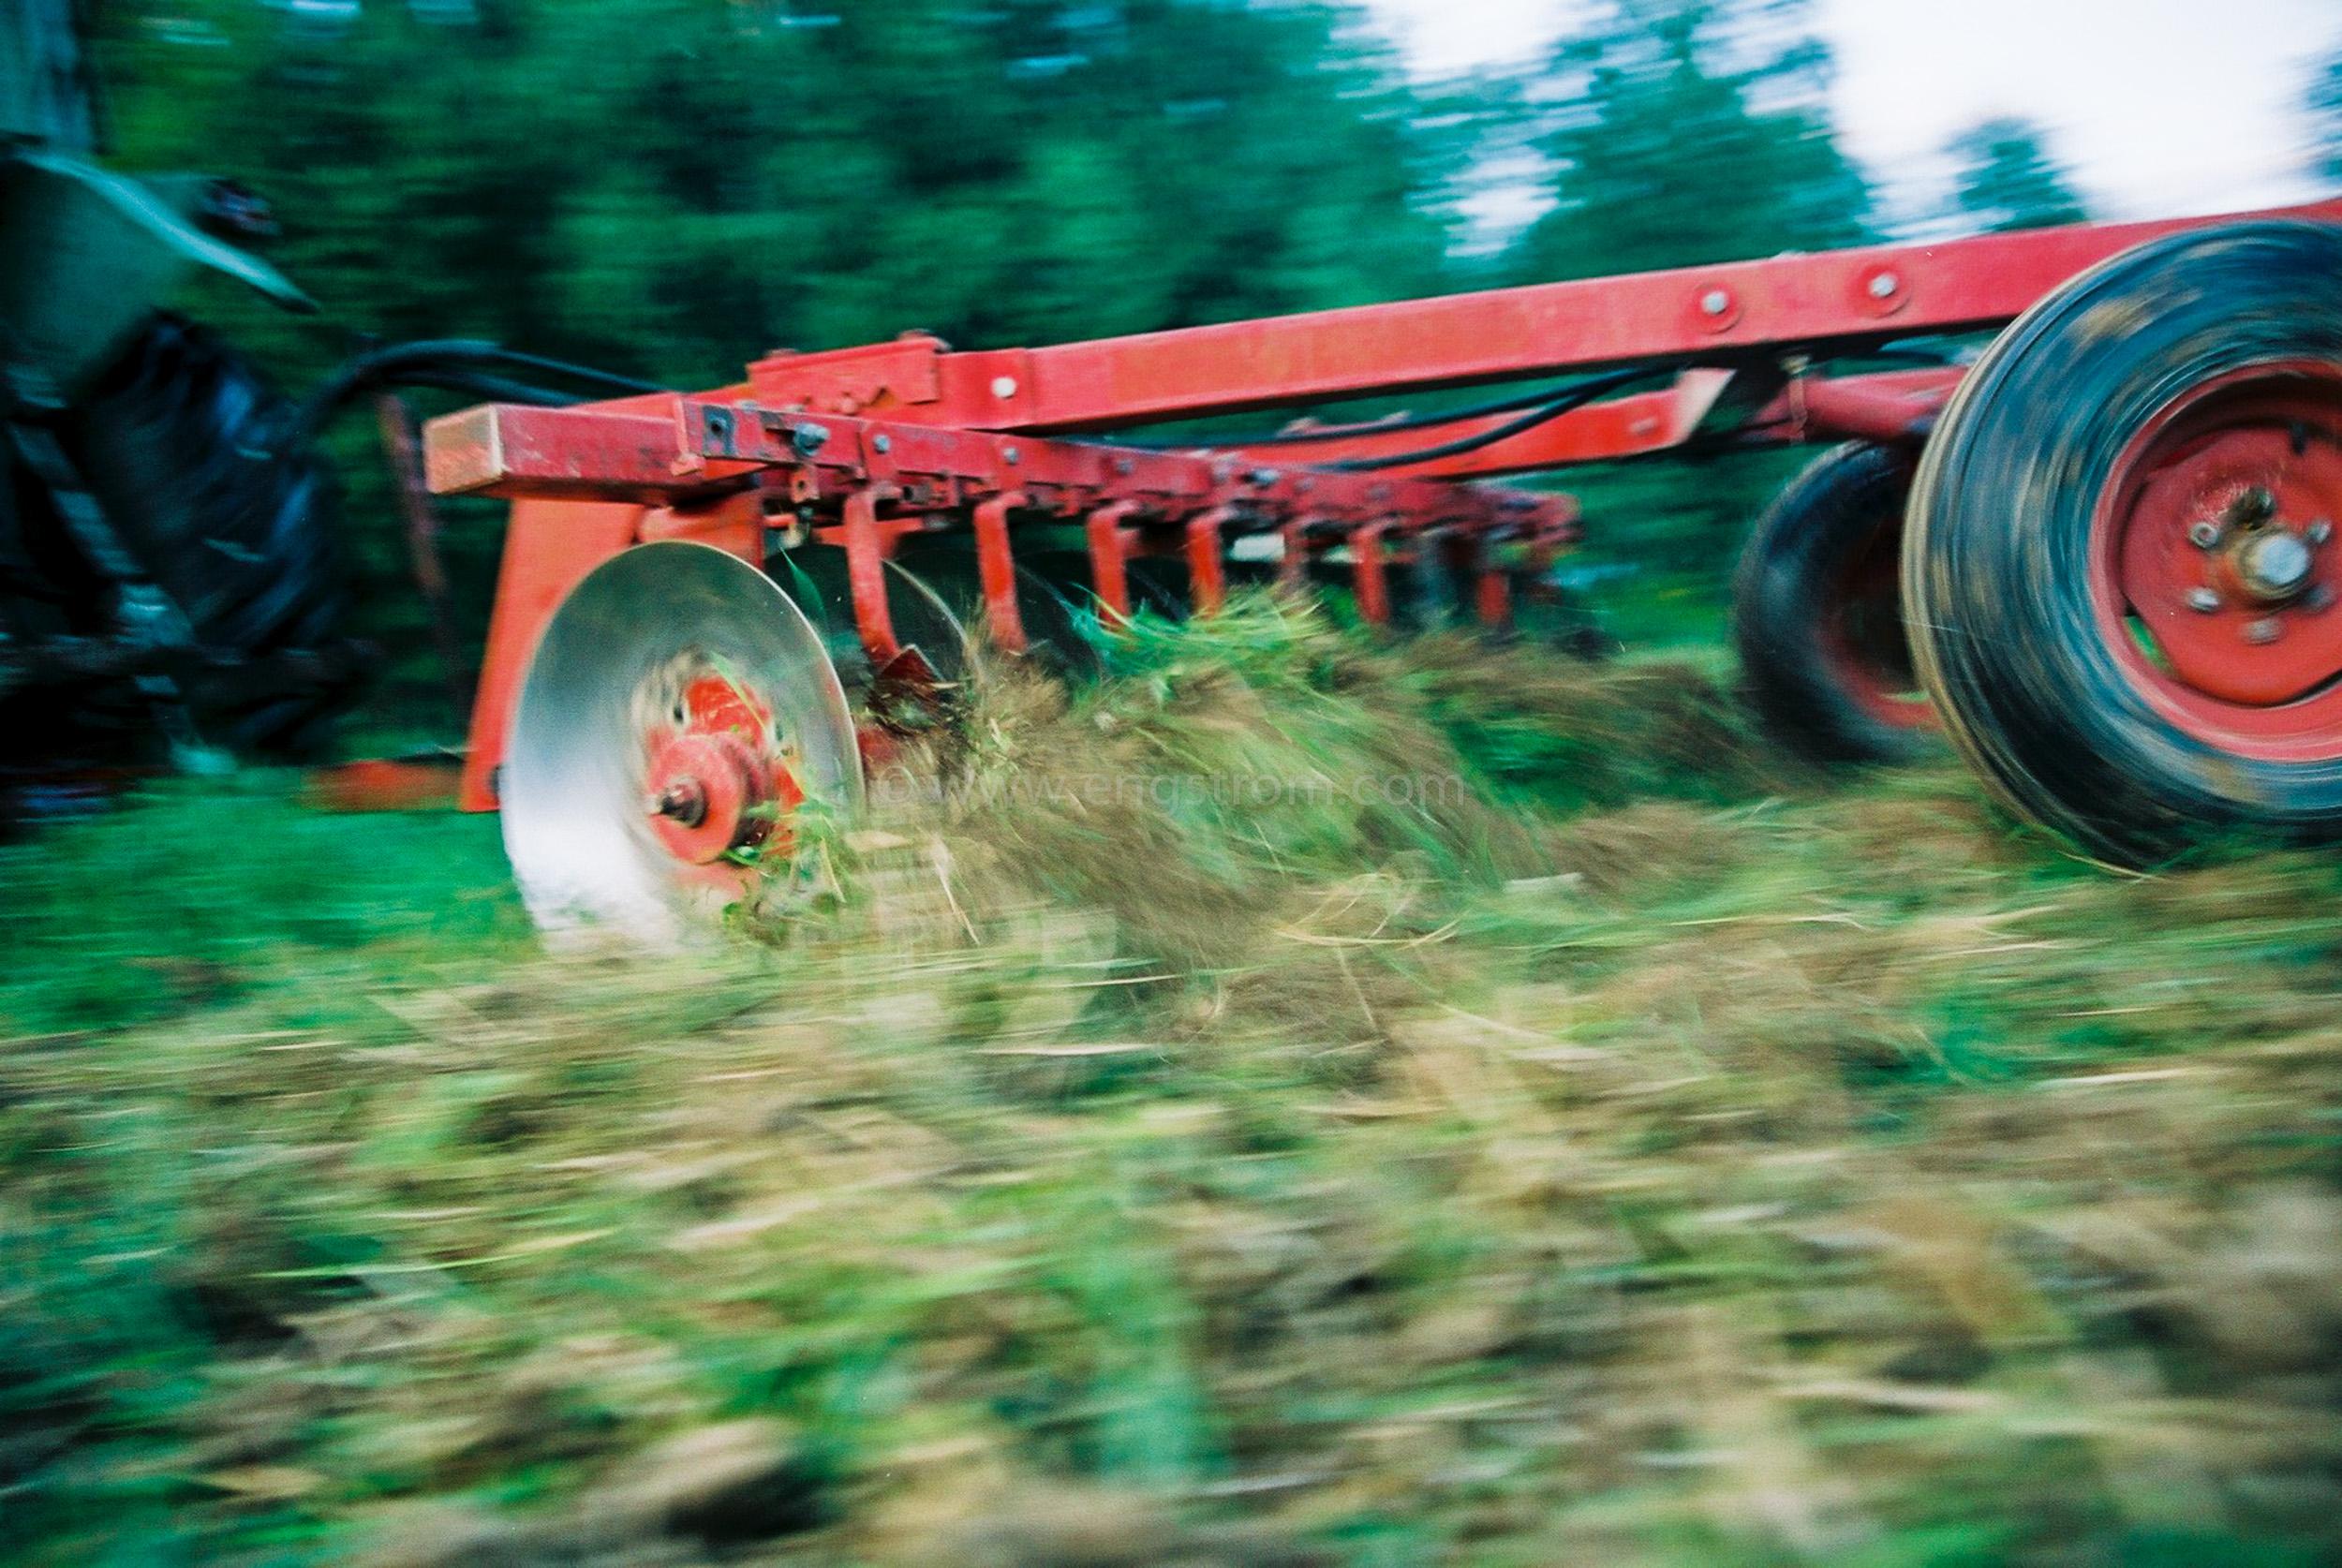 JE0317_36, Tallriksharvning av vall - vallbrott - Stocksbo Sommaren 2003, Jonas Engström